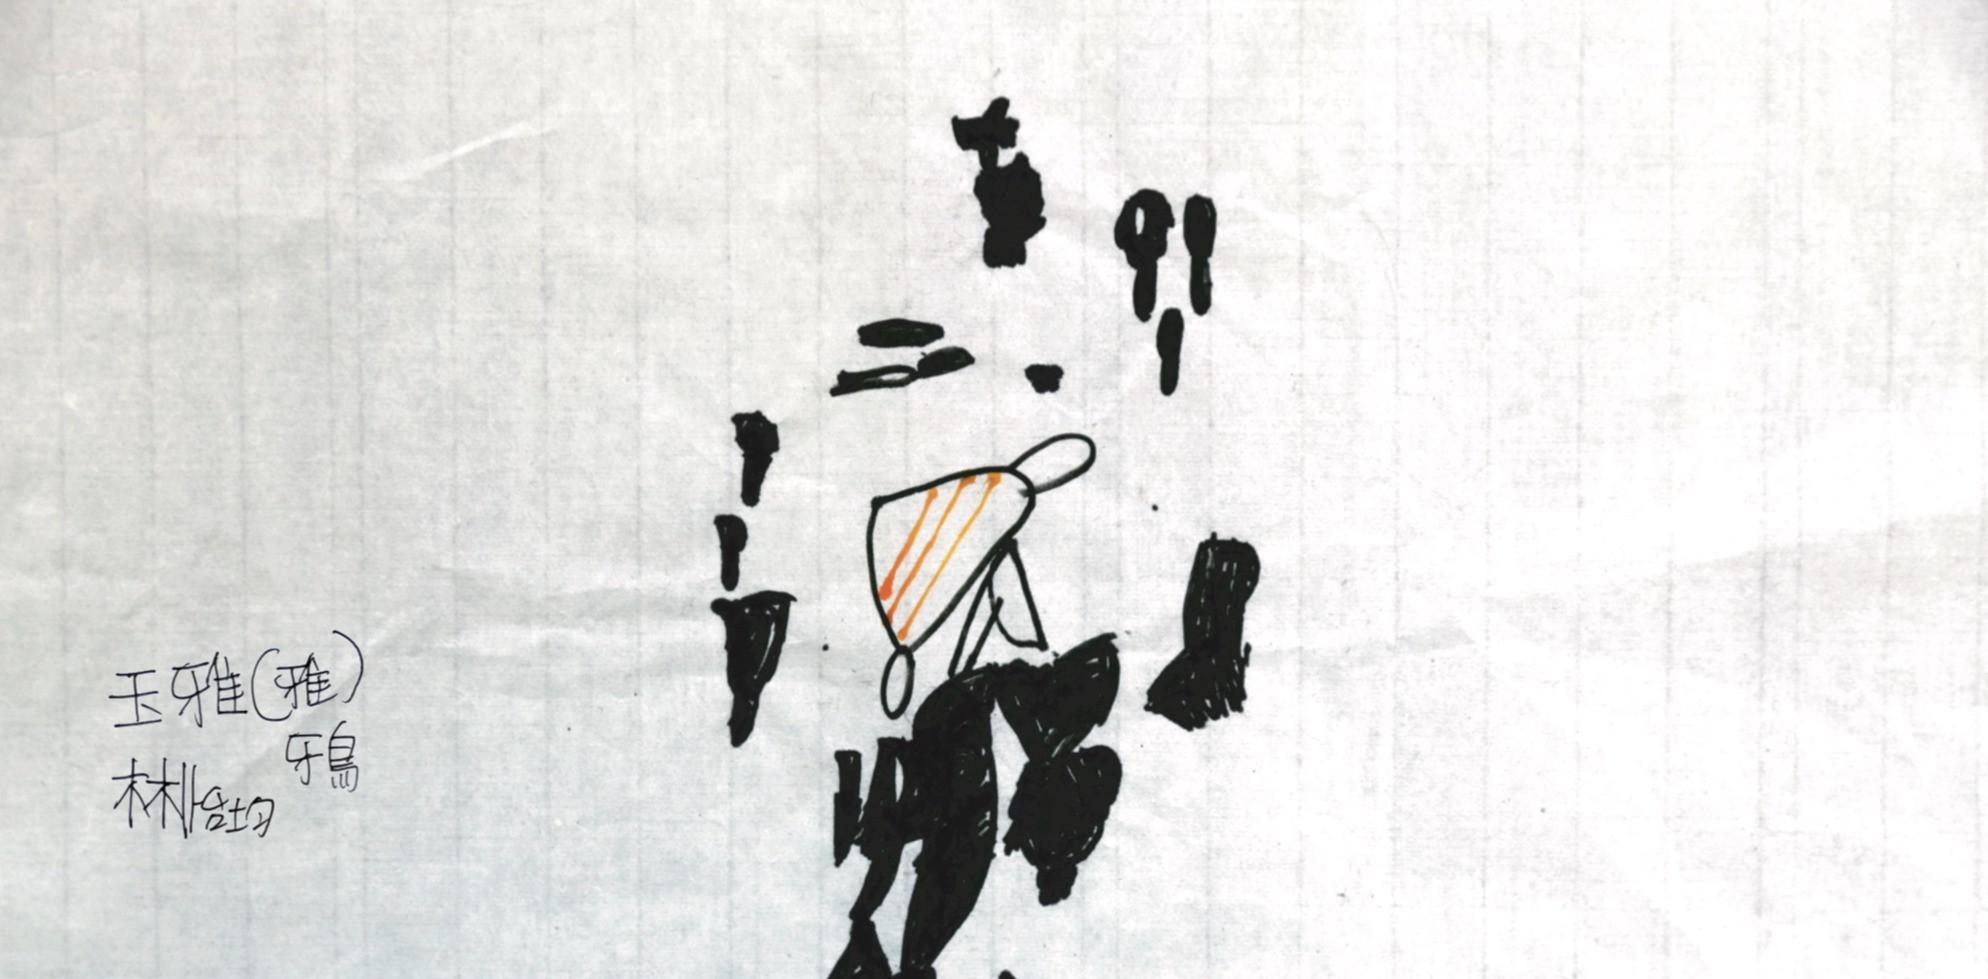 慈芳01.jpg